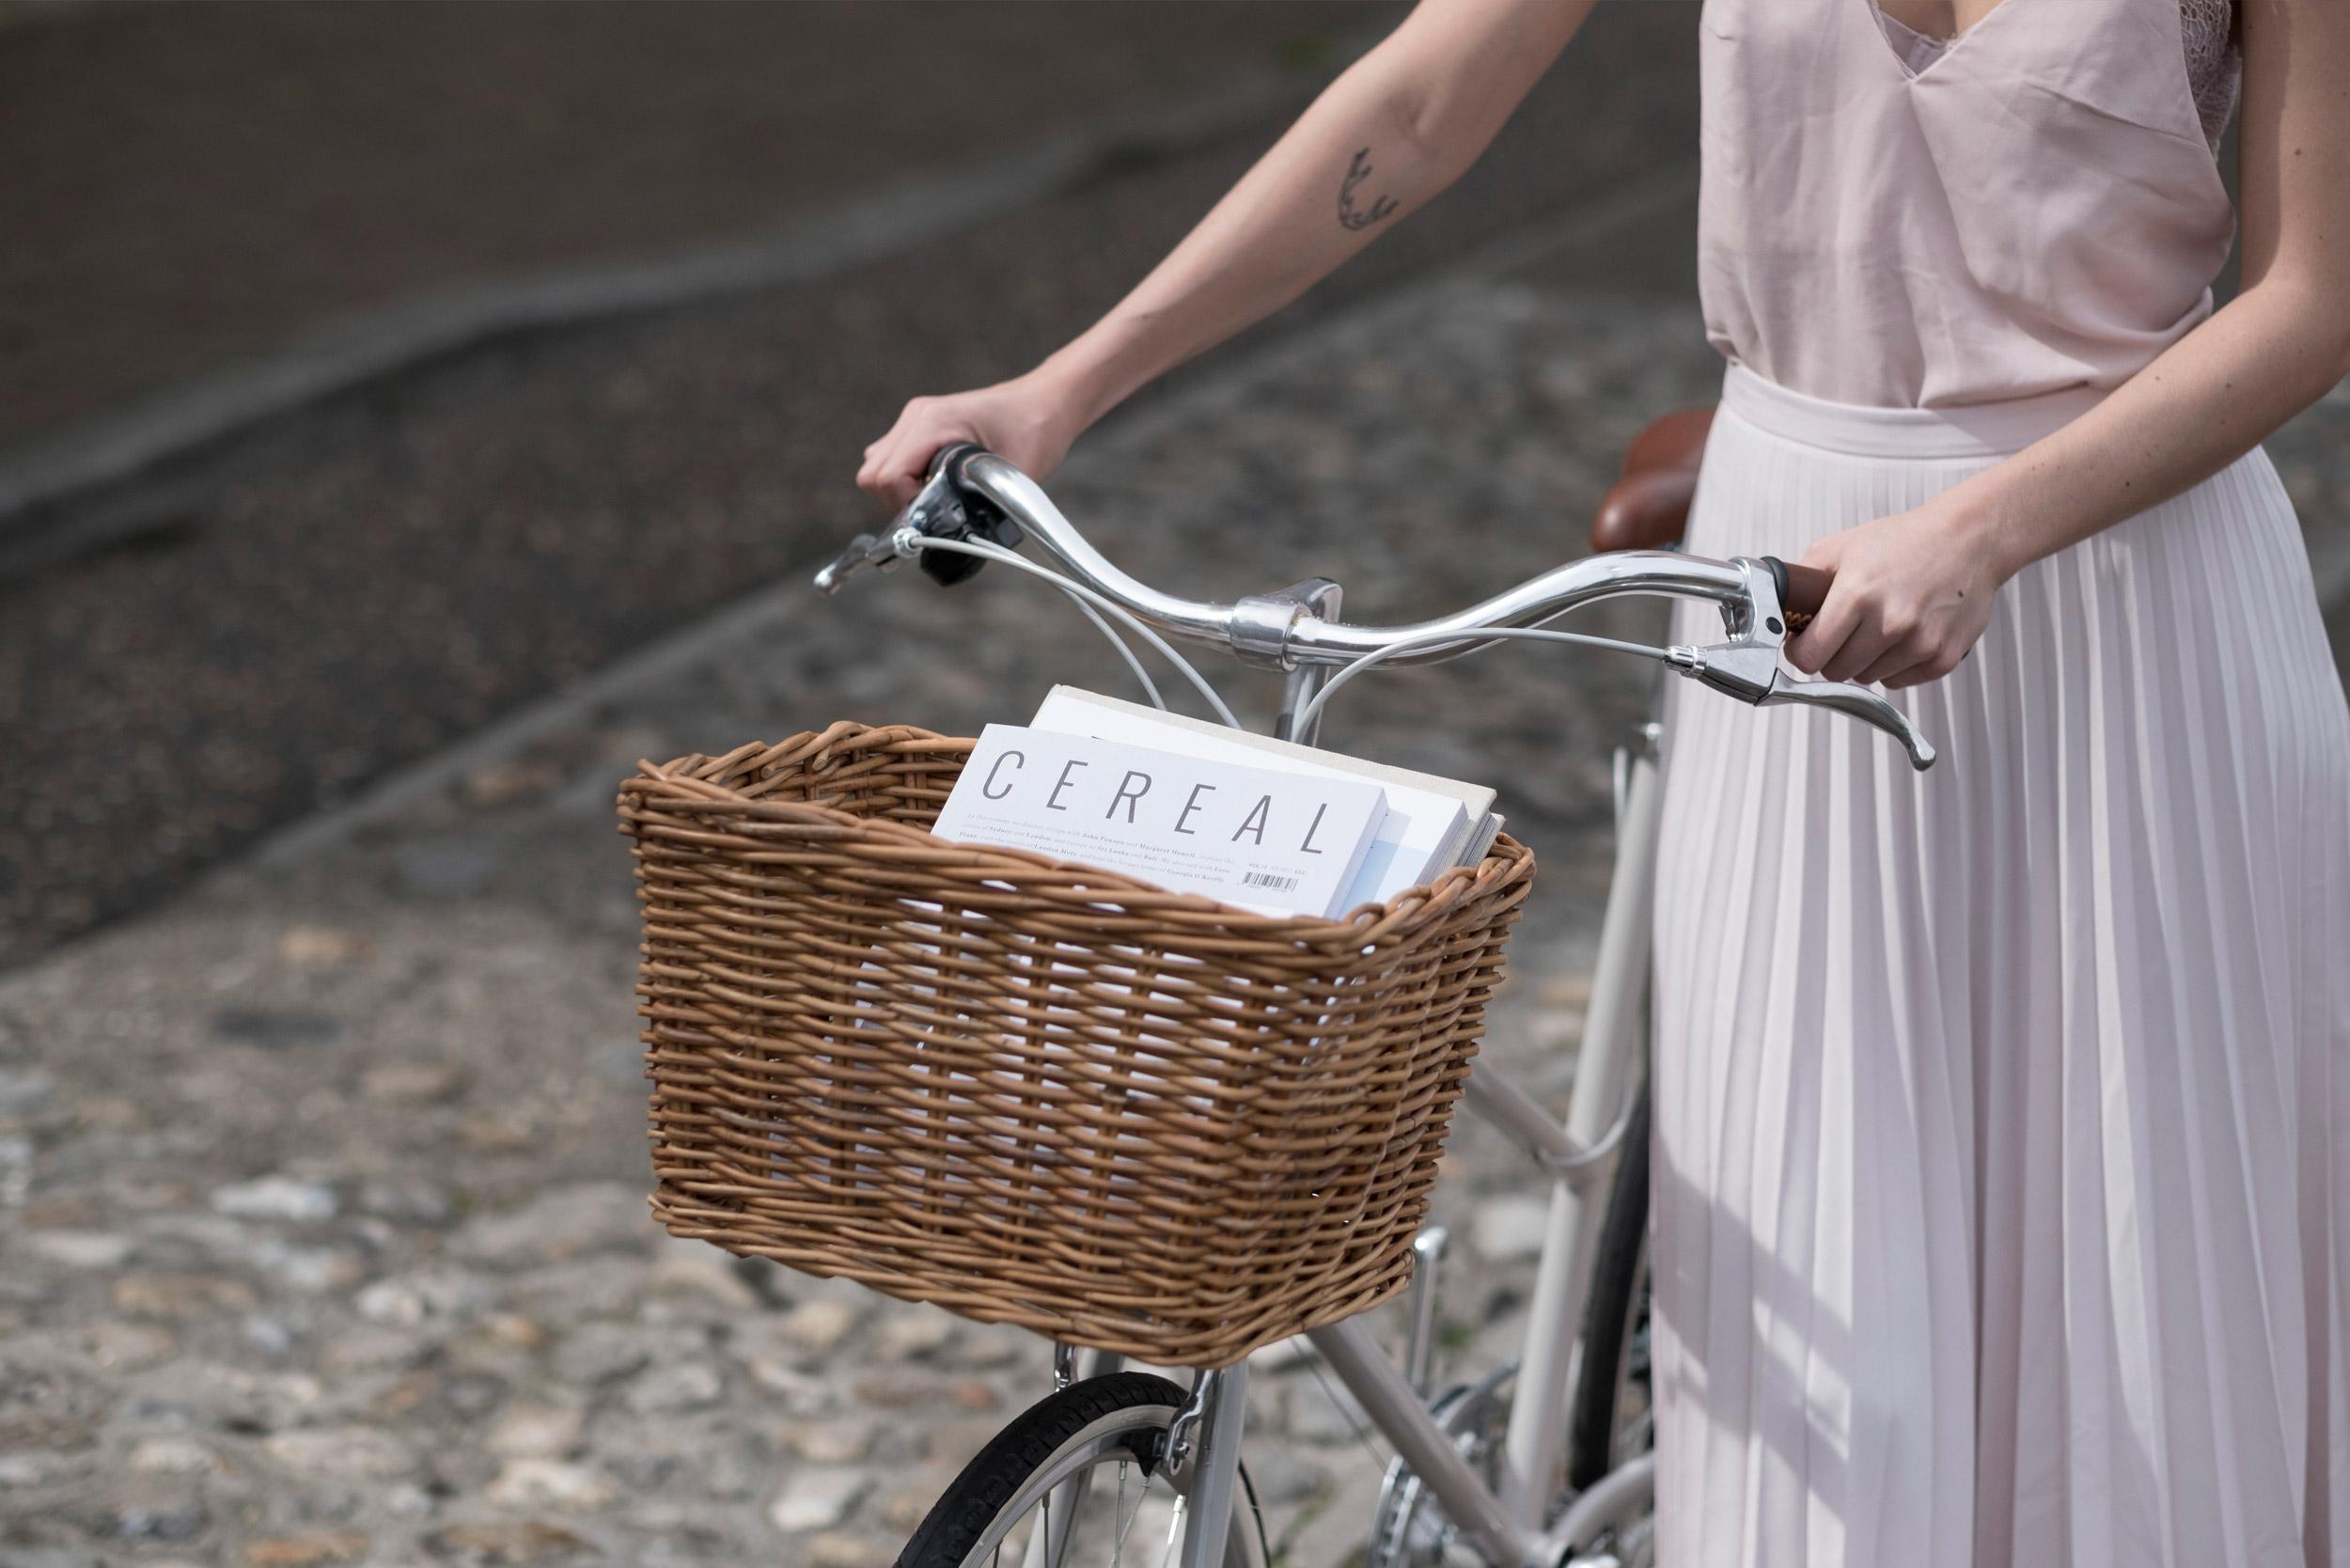 tokyobike-London-Norwich-Fiona-Burrage-Bike-Norwich.jpg